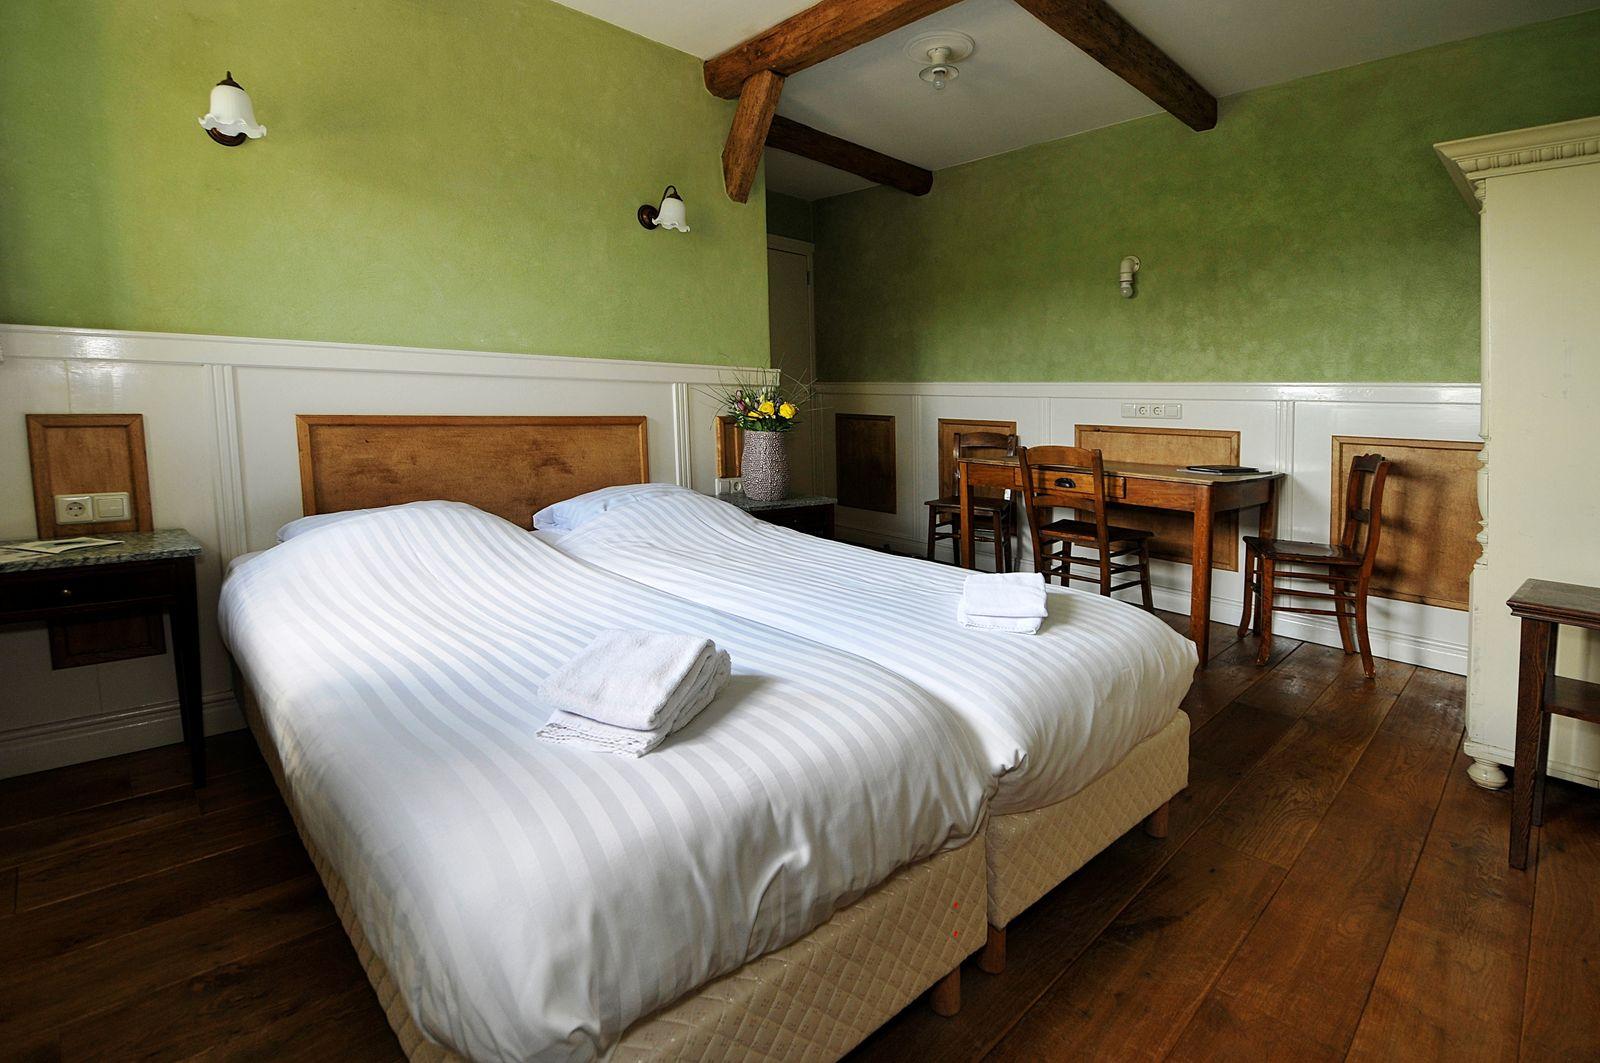 Afbeelding van Limburgse Carrehoeve Roebelsbos - luxe vakantiehuis voor groepen in Limburg